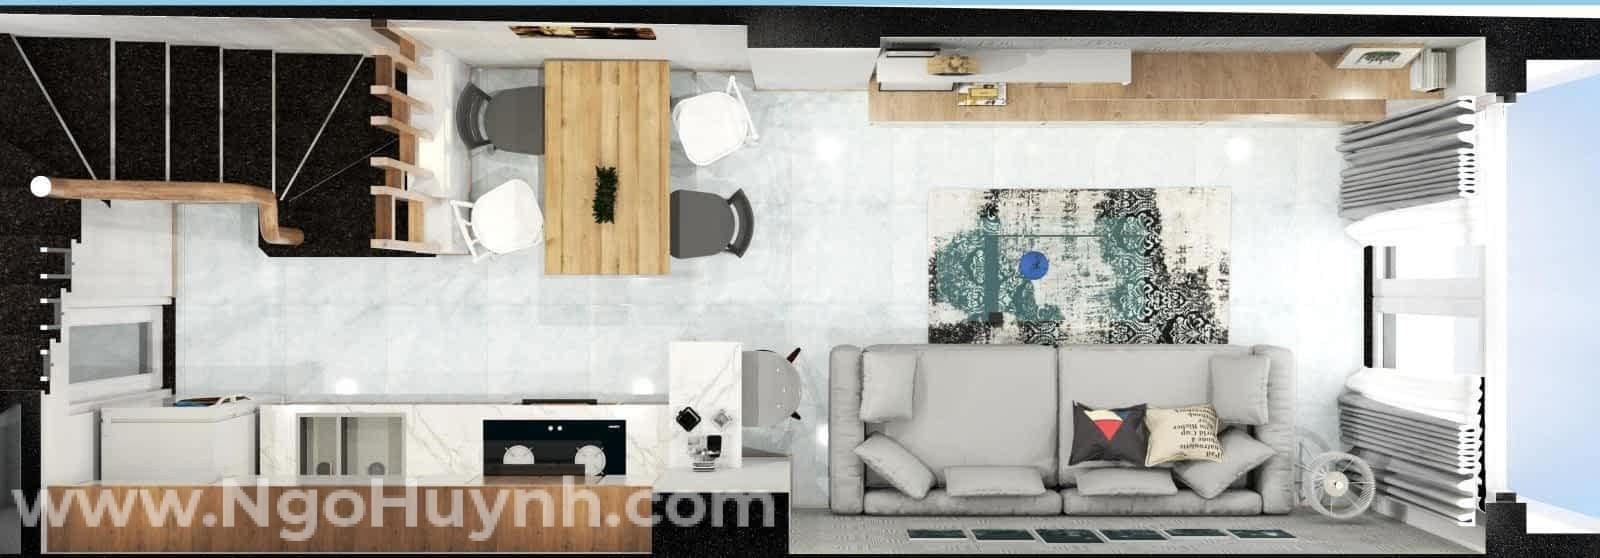 Mách bạn cách thiết kế nhà phố nhỏ hẹp sao cho đẹp, hiện đại (3)